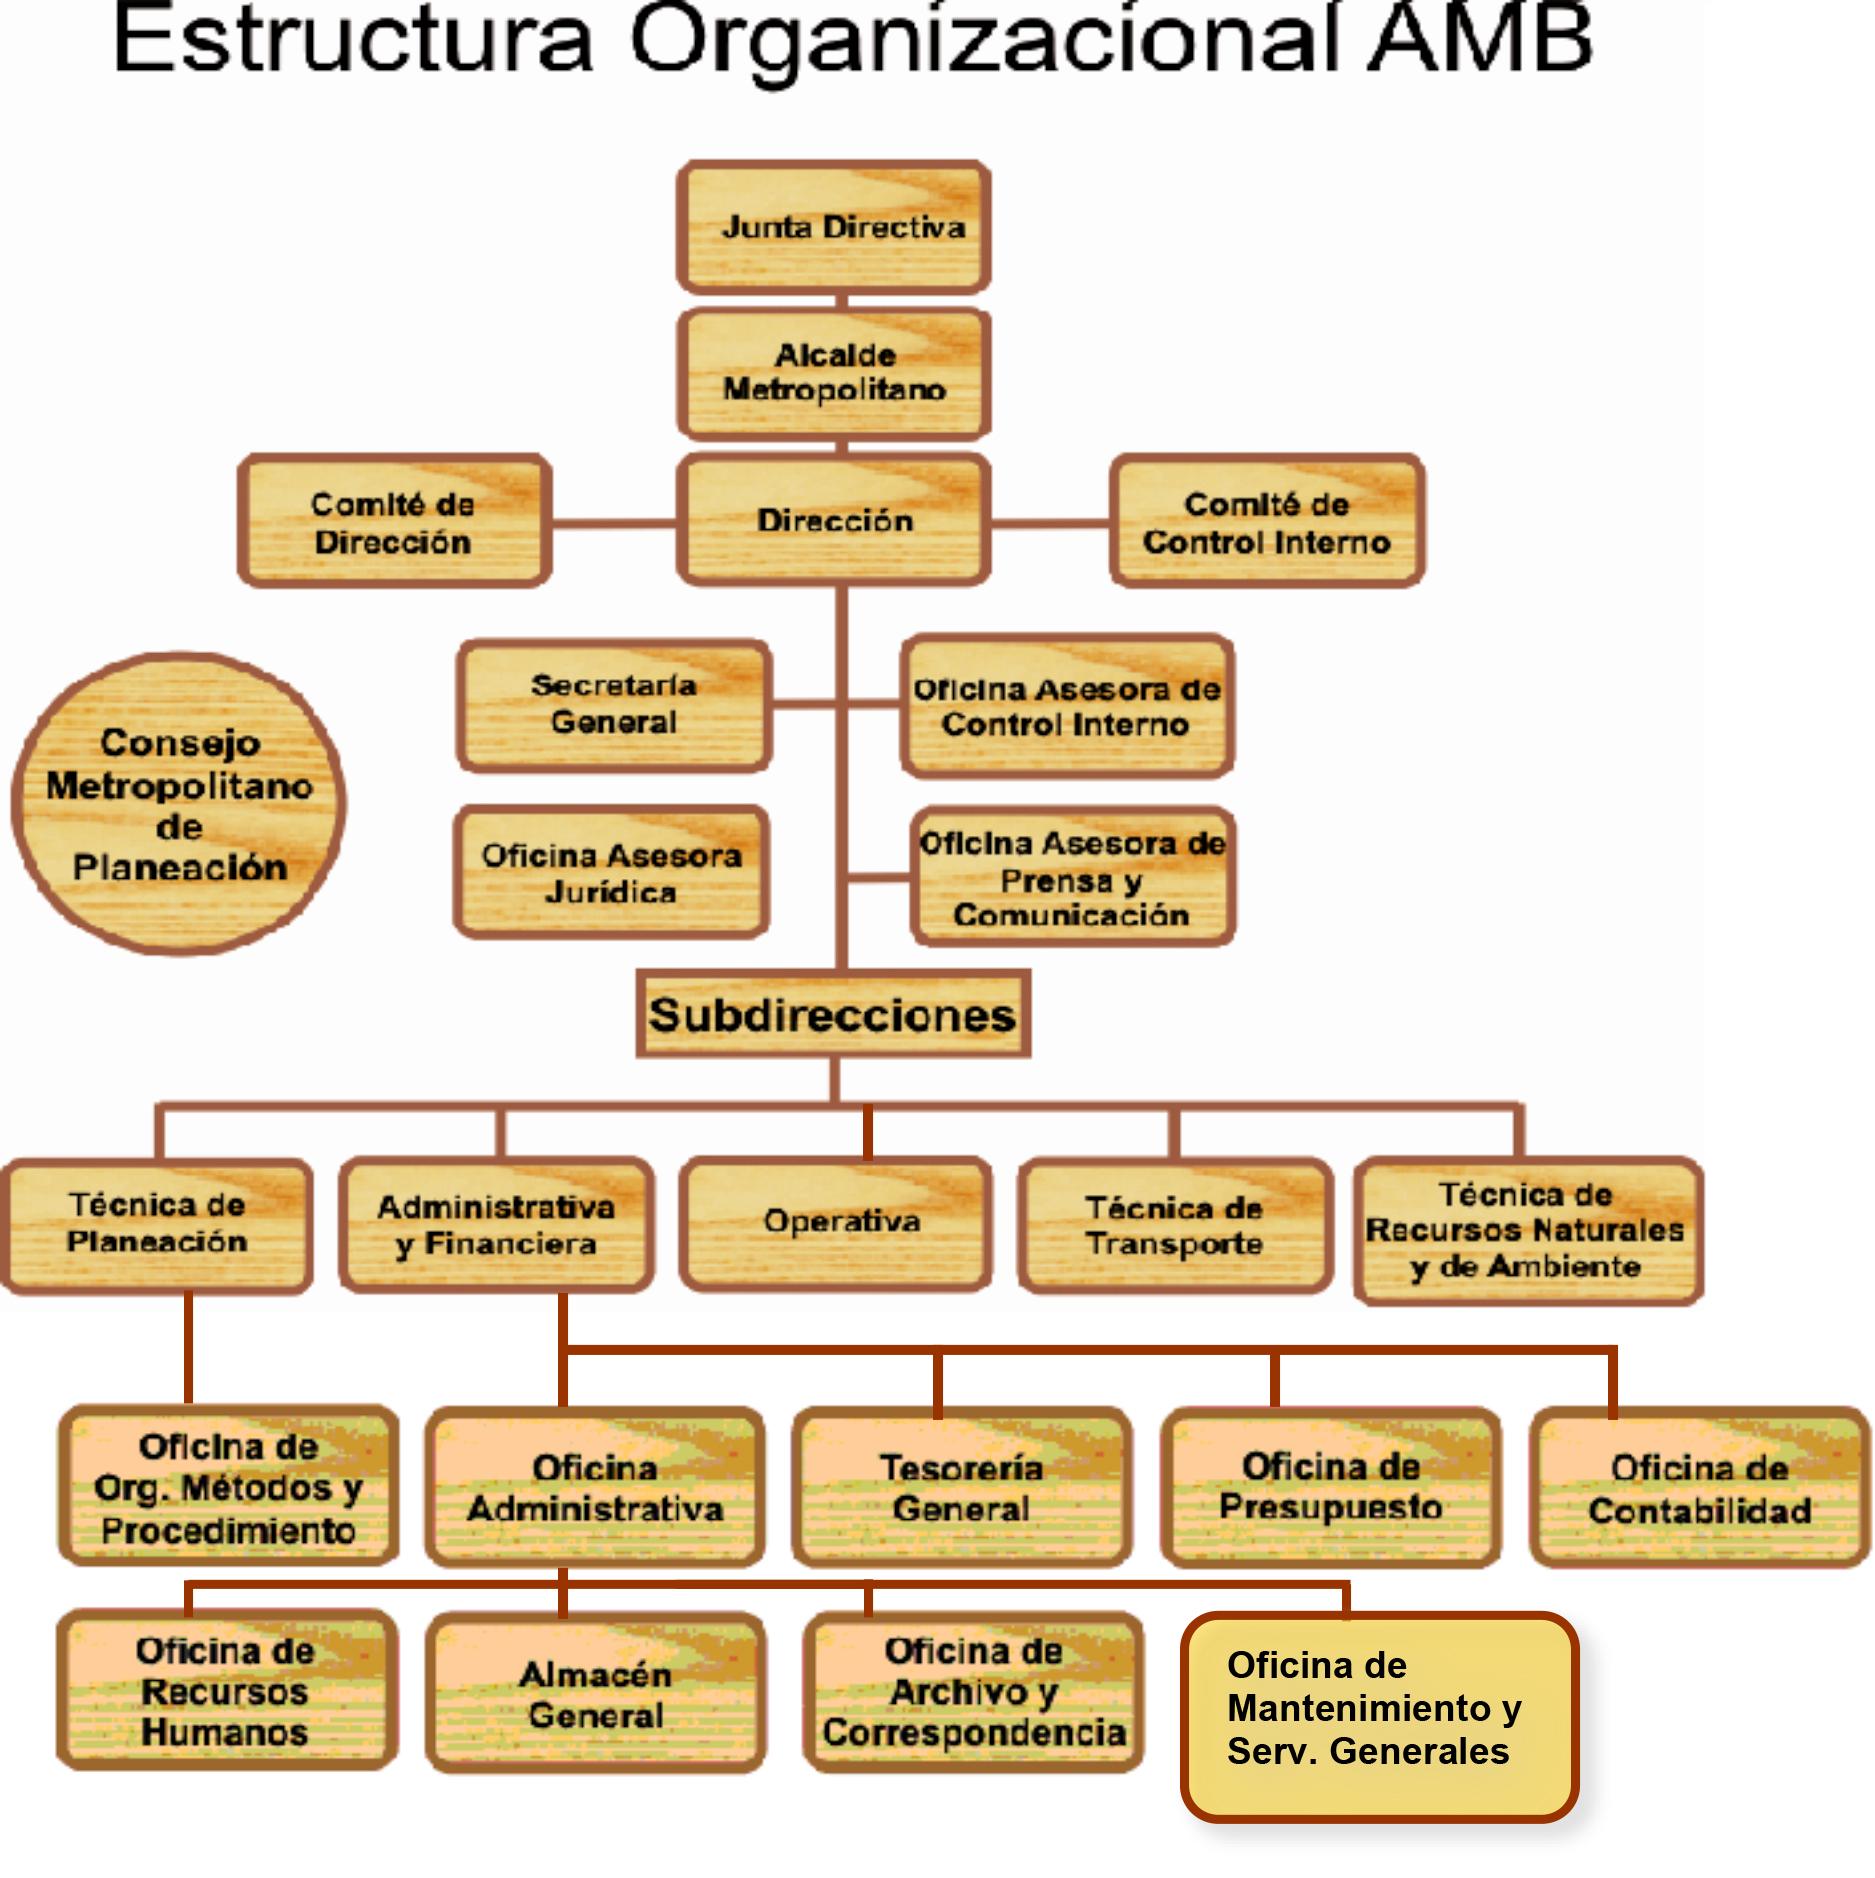 Estructura Organizacional AMB